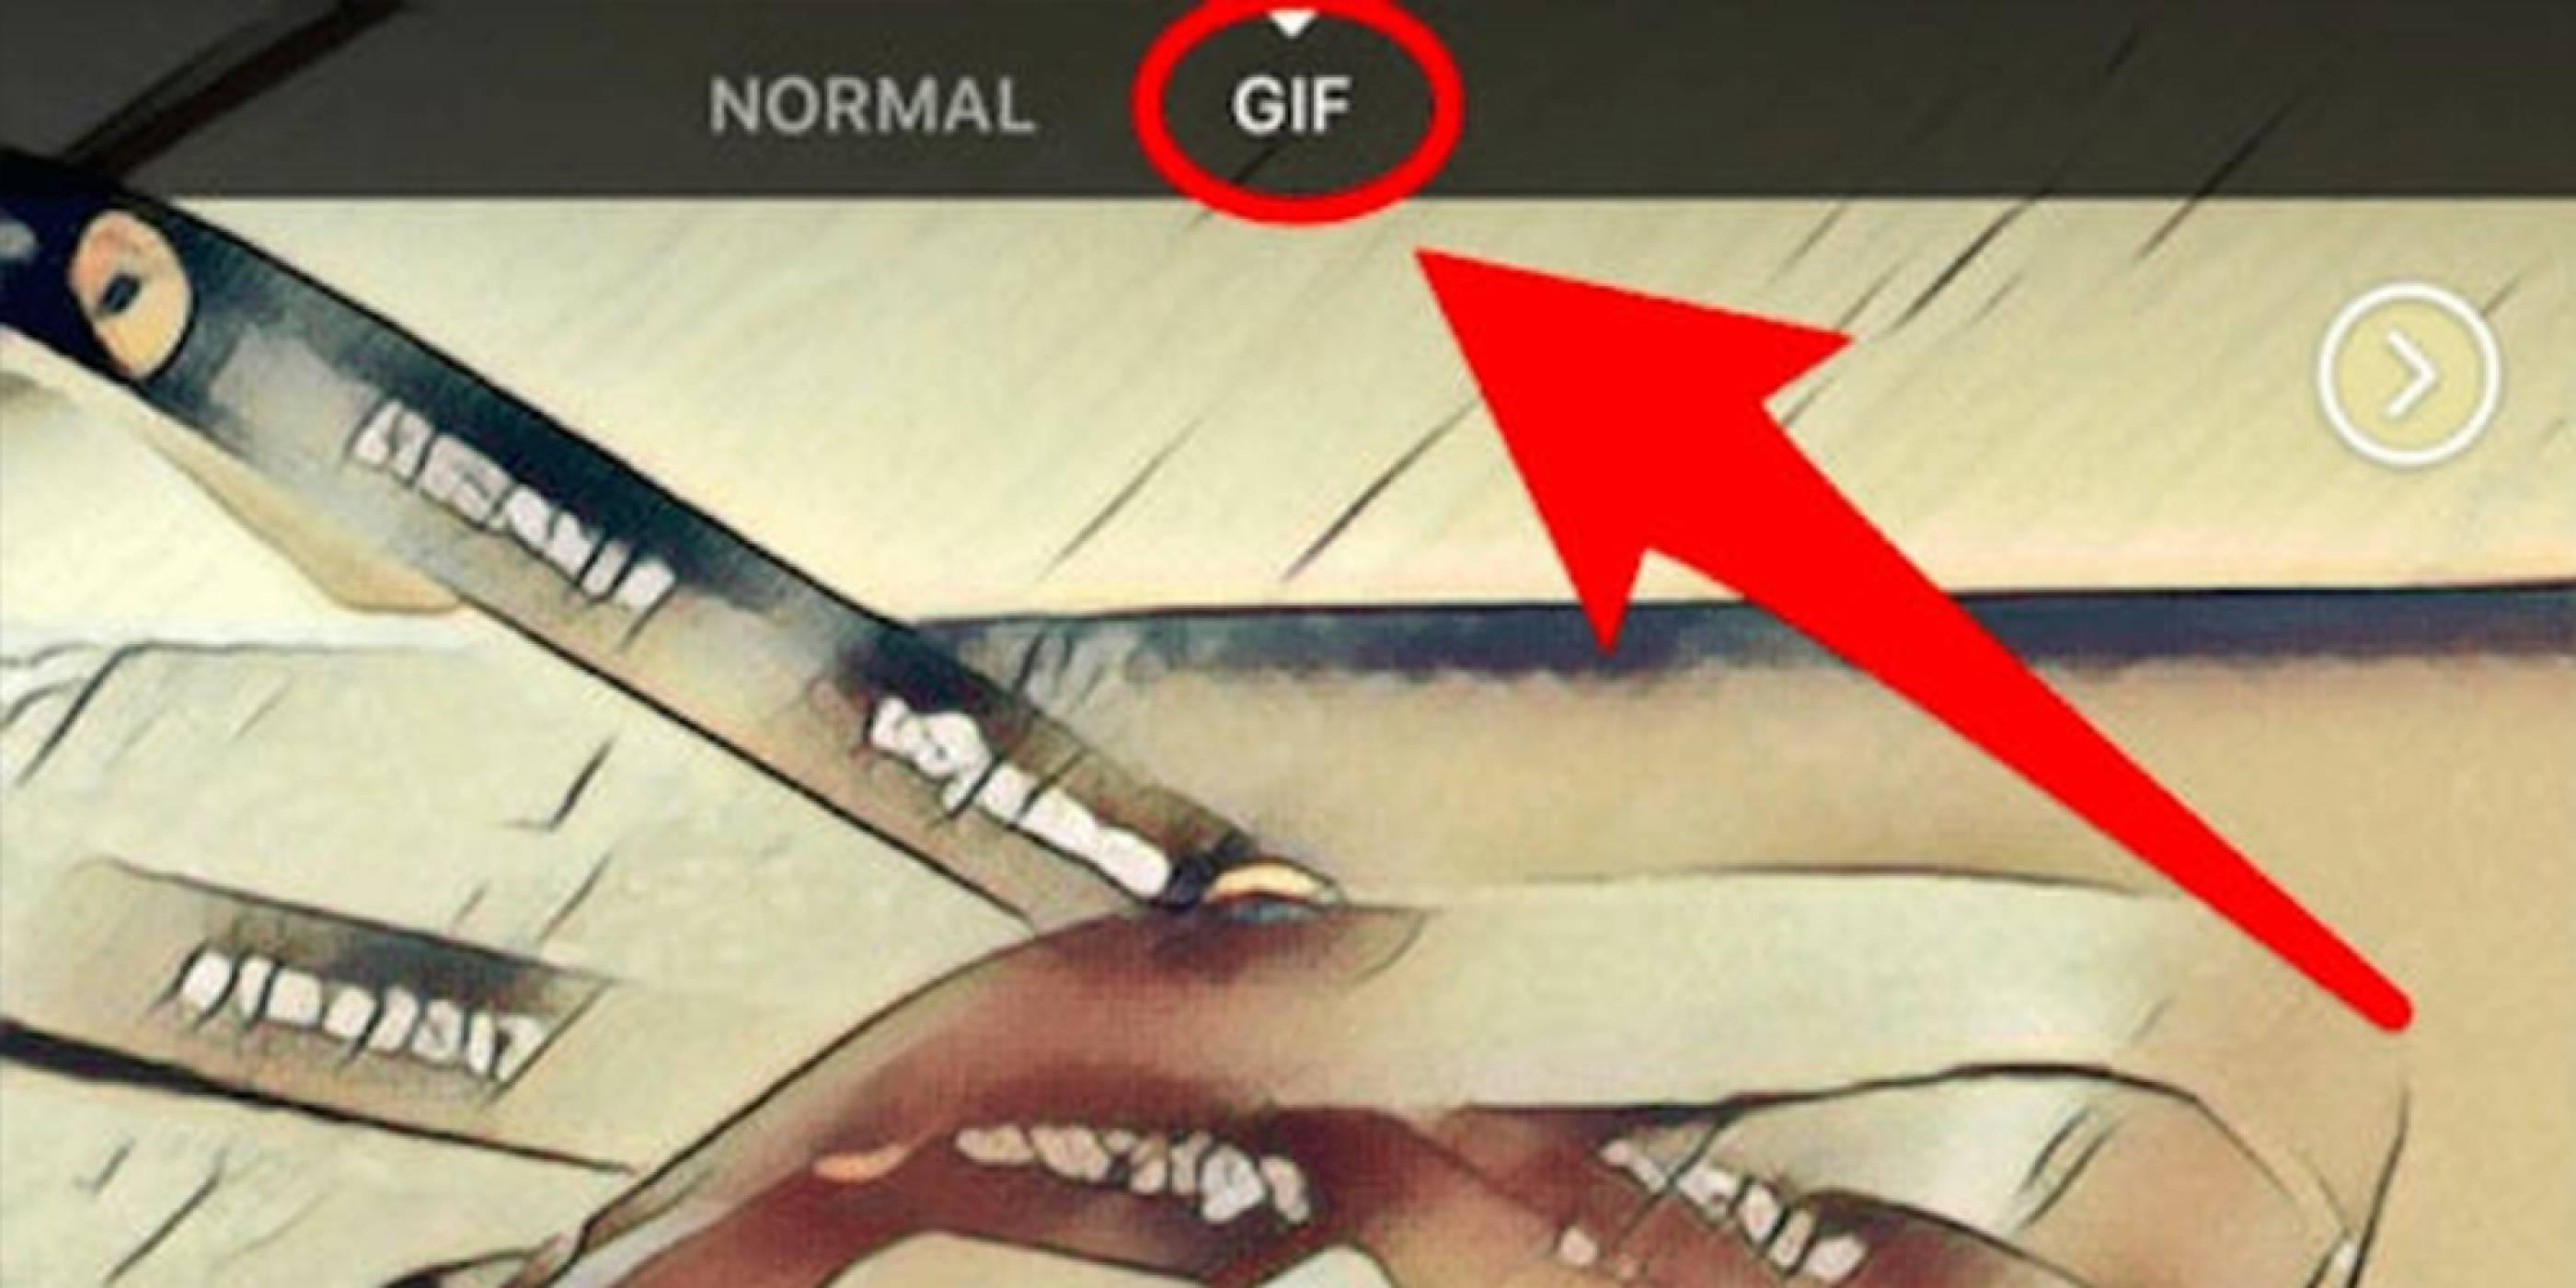 Facebook добави GIF функция в камерата на основното приложение